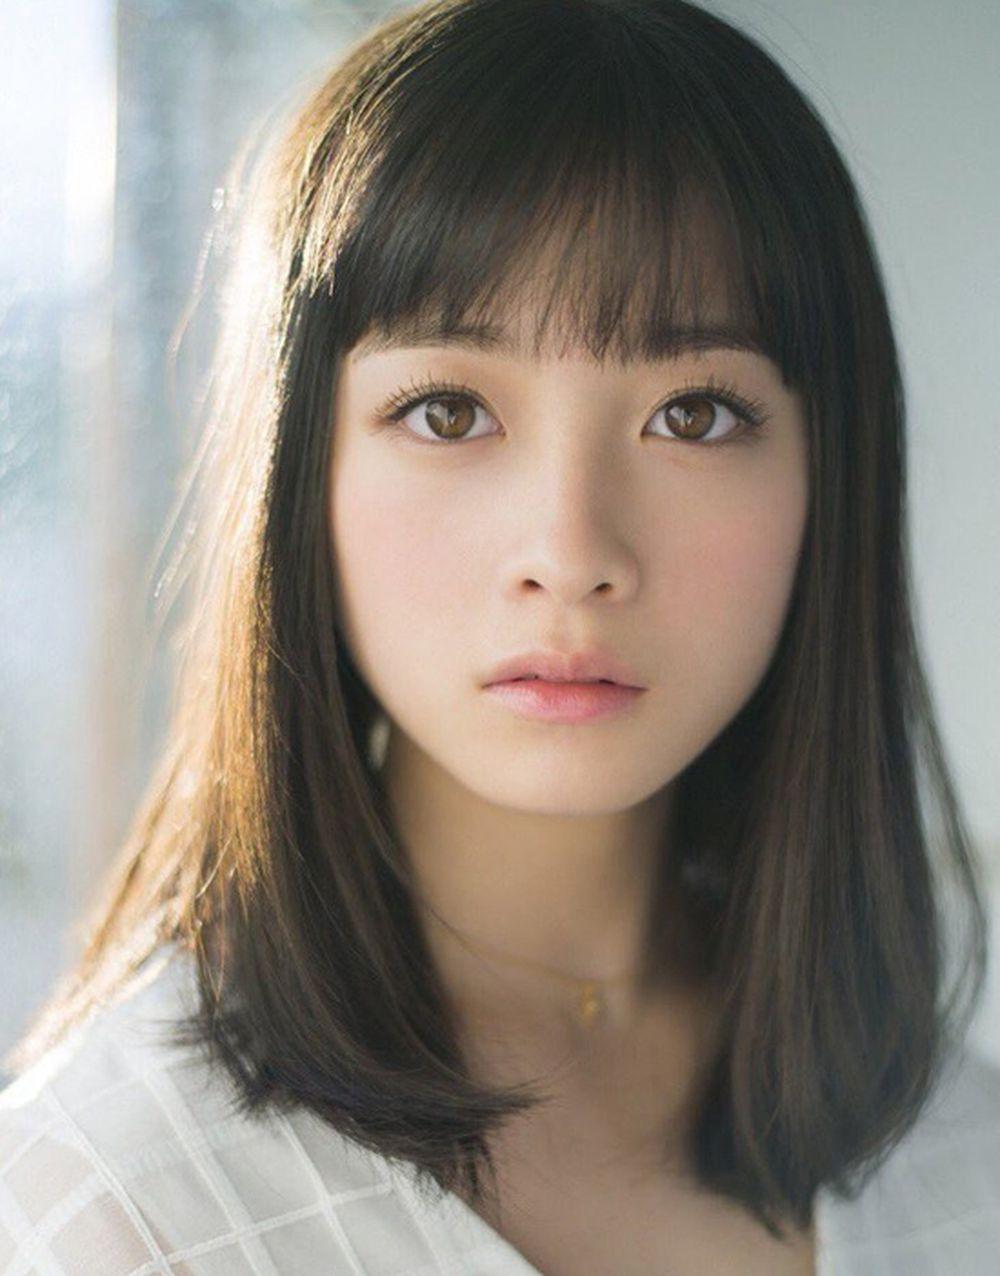 Dù vướng nhiều tranh cãi, Kanna Hashimoto vẫn là mỹ nữ đình đám làng giải  trí Nhật Bản. Ảnh: Cinematoday